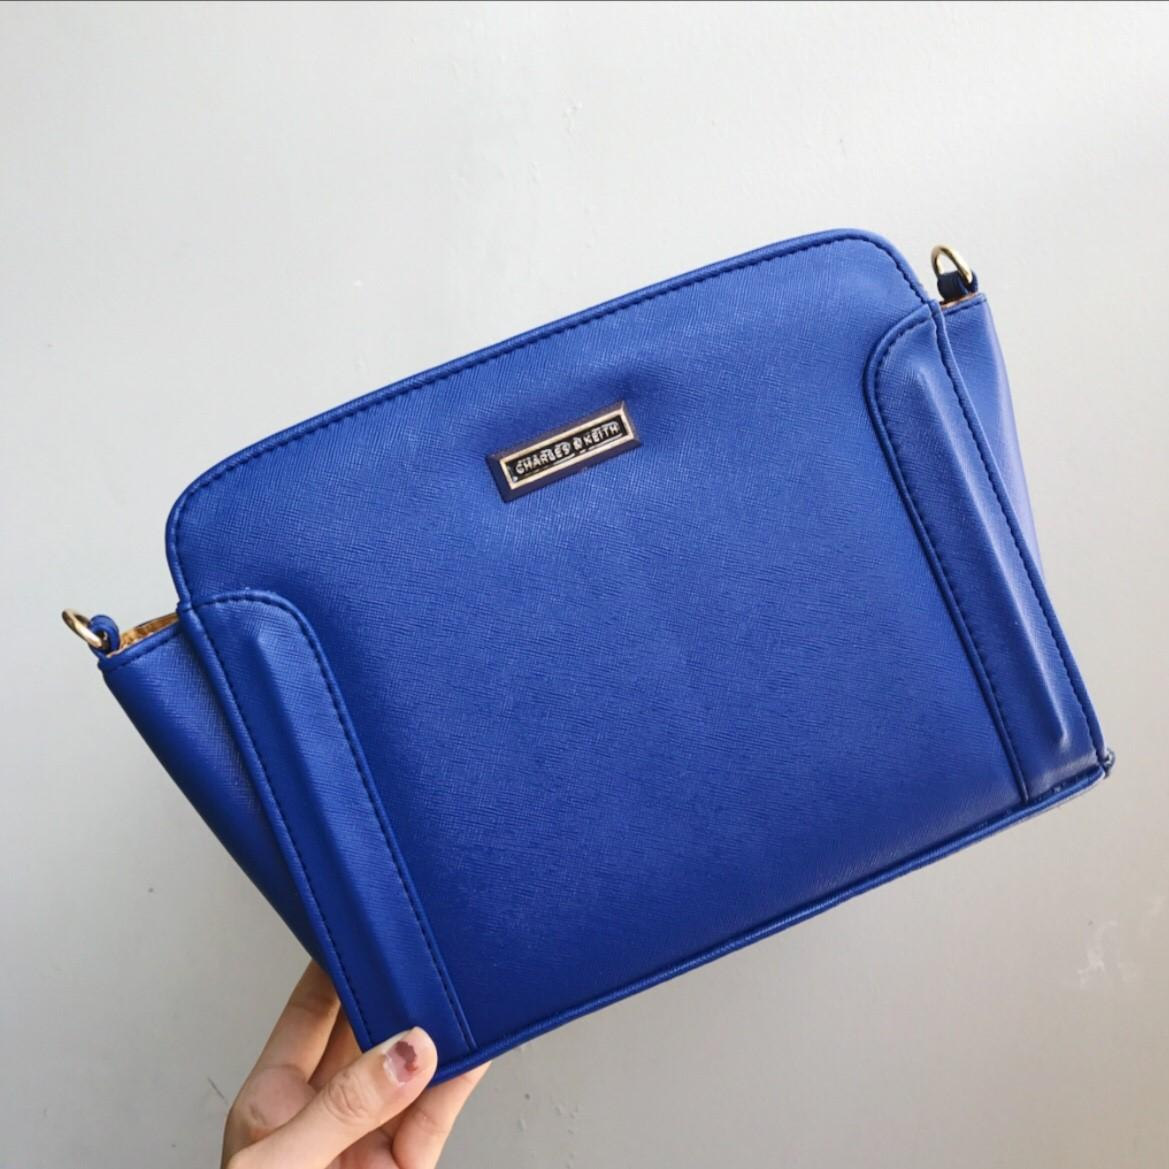 Tas wanita cewek branded handbag korea grosir cewek murah import